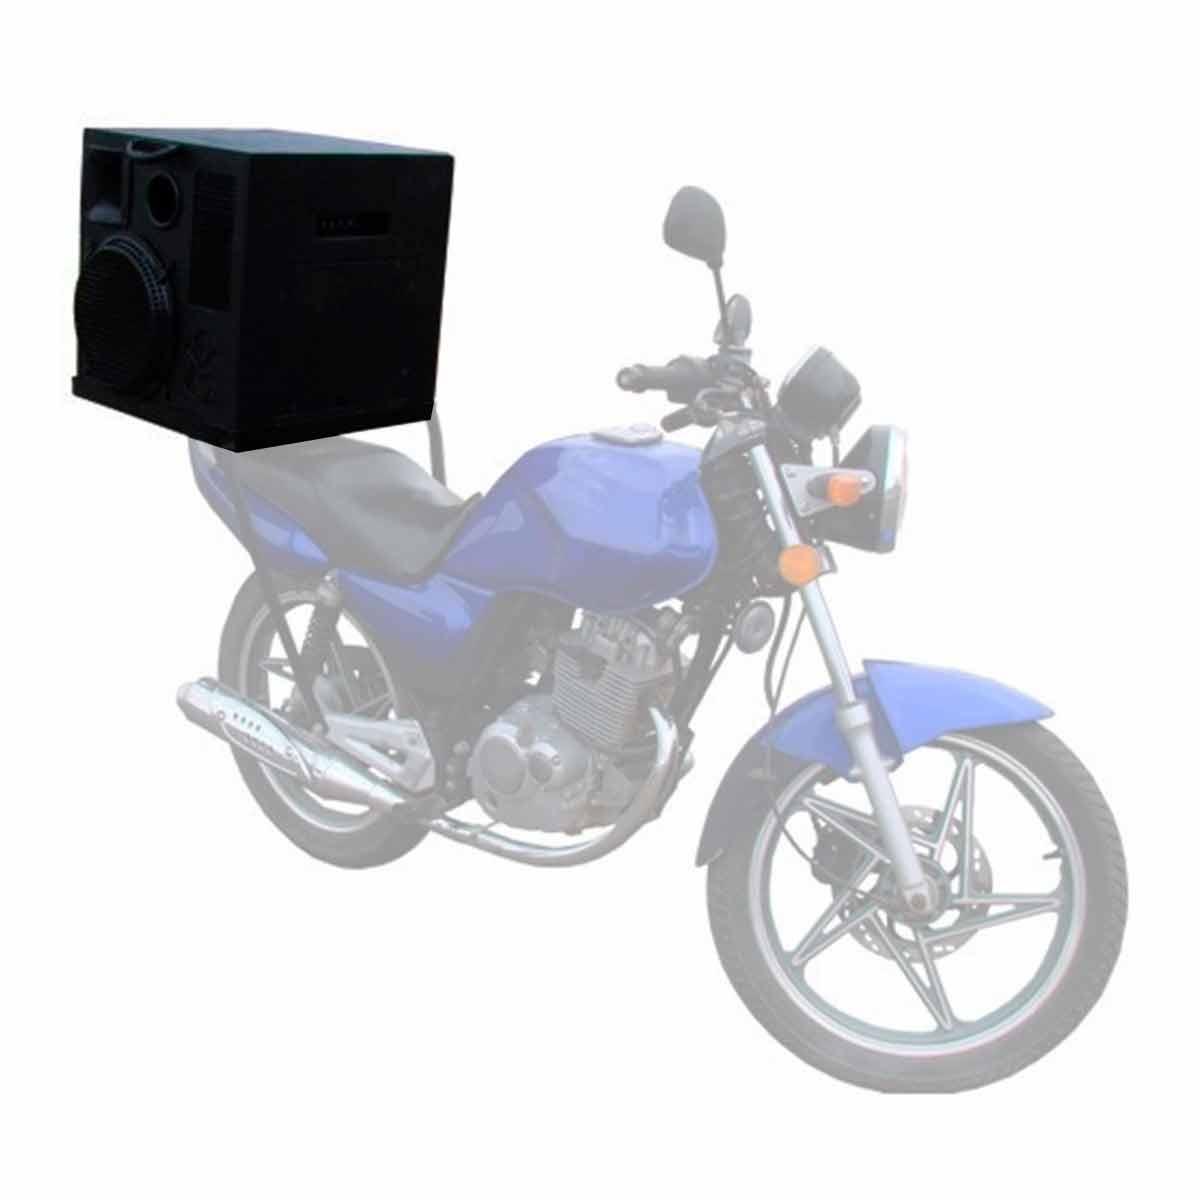 MotoVolante - Caixa Ativa 200W c/ USB p/ Propagandas em Geral Moto Volante - Leacs